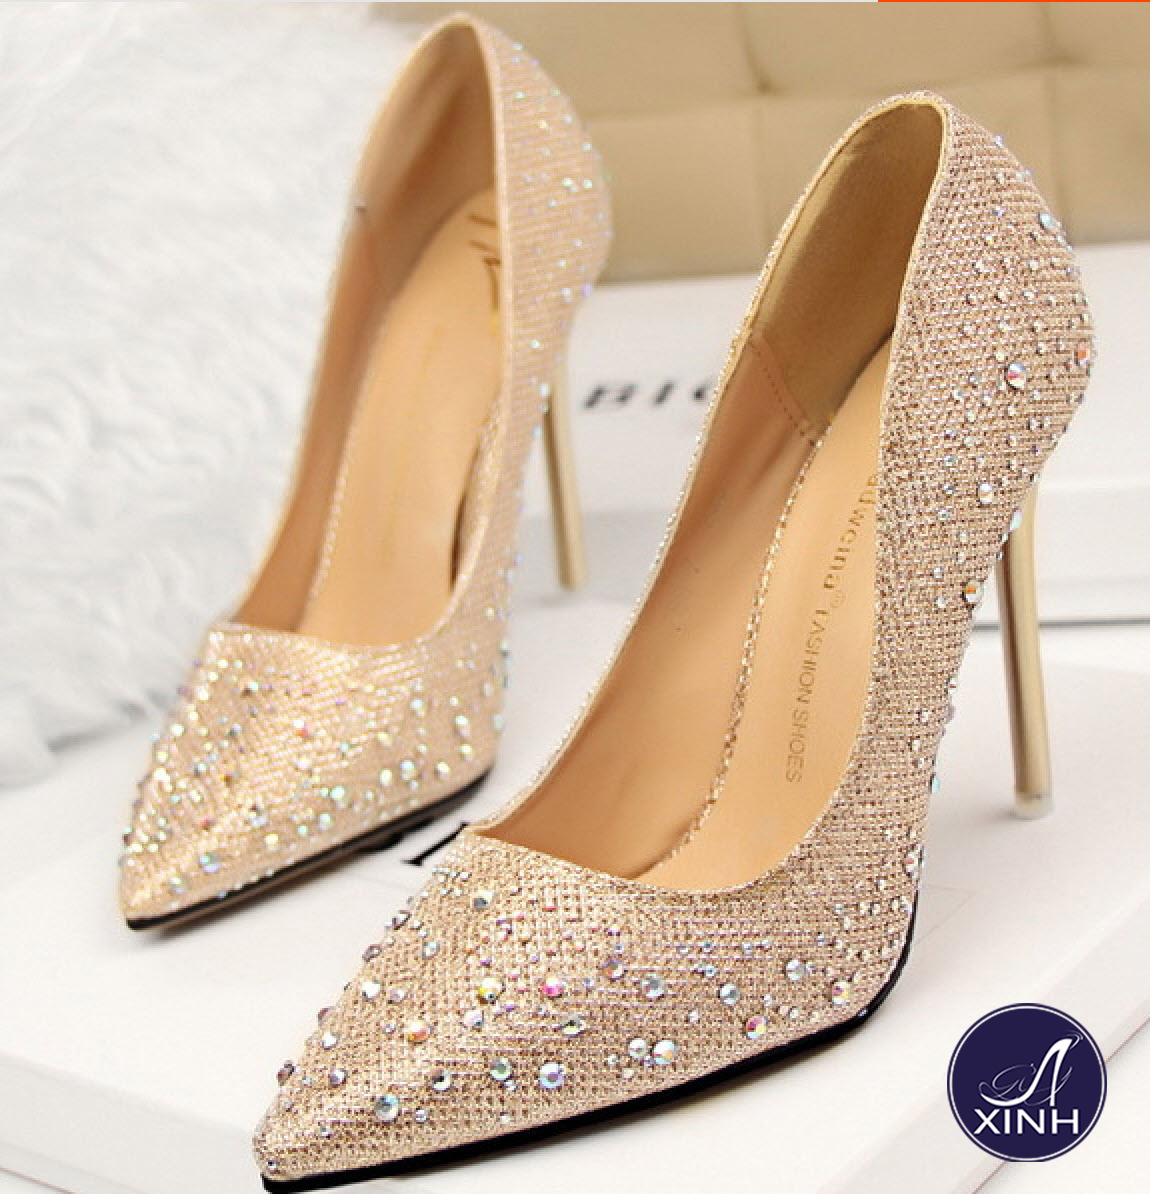 Giày cao gót công chúa ánh kim tuyệt vời